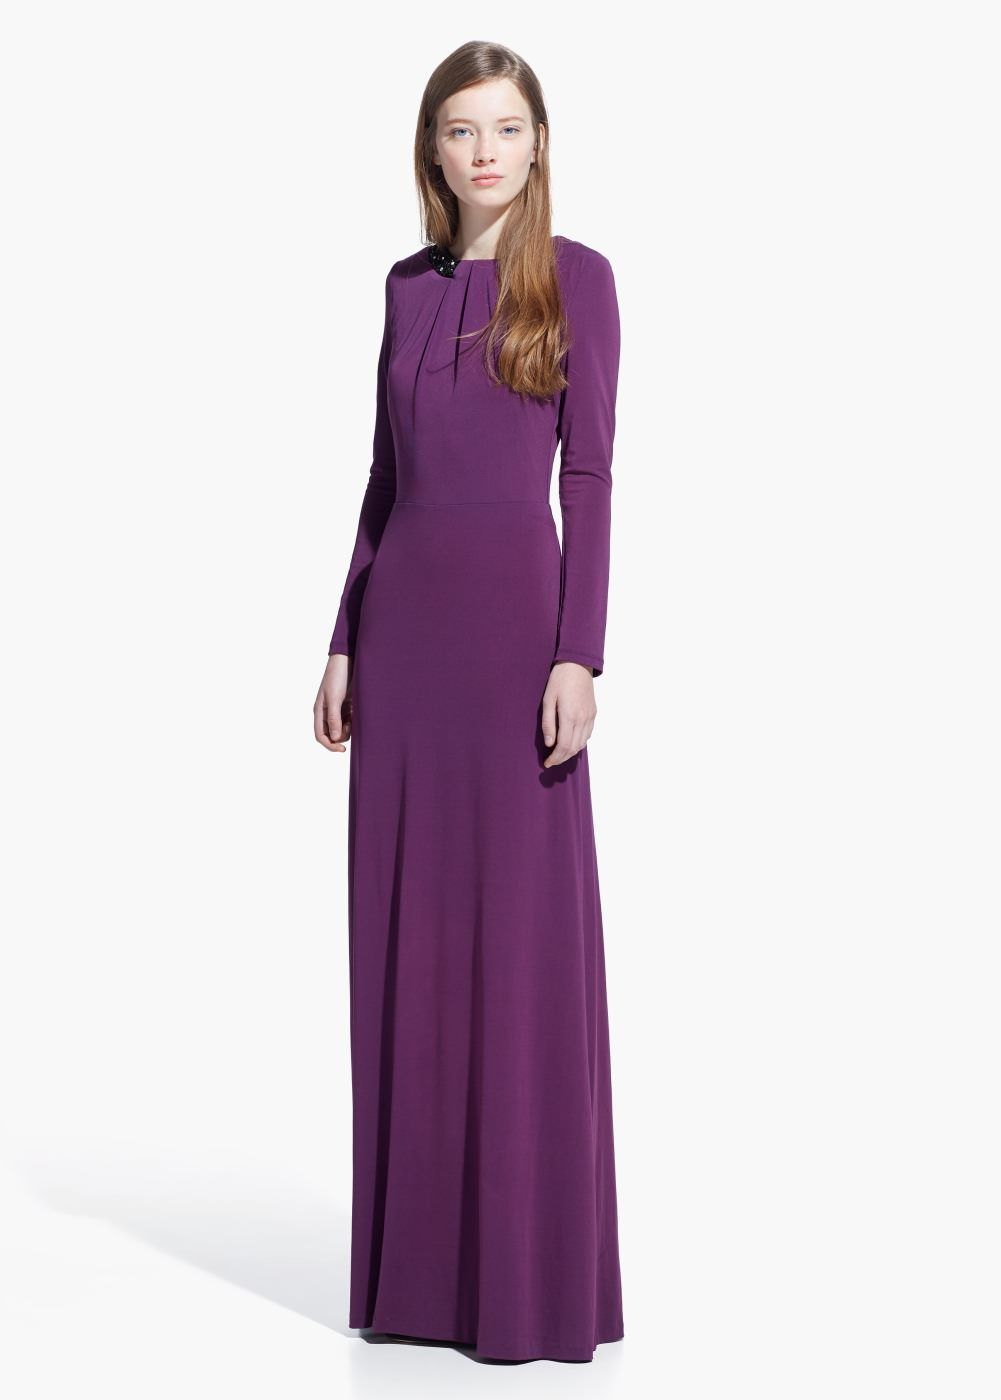 Vestido largo lentejuelas - Mujer | Lentejuelas, Trajes de fiesta y ...